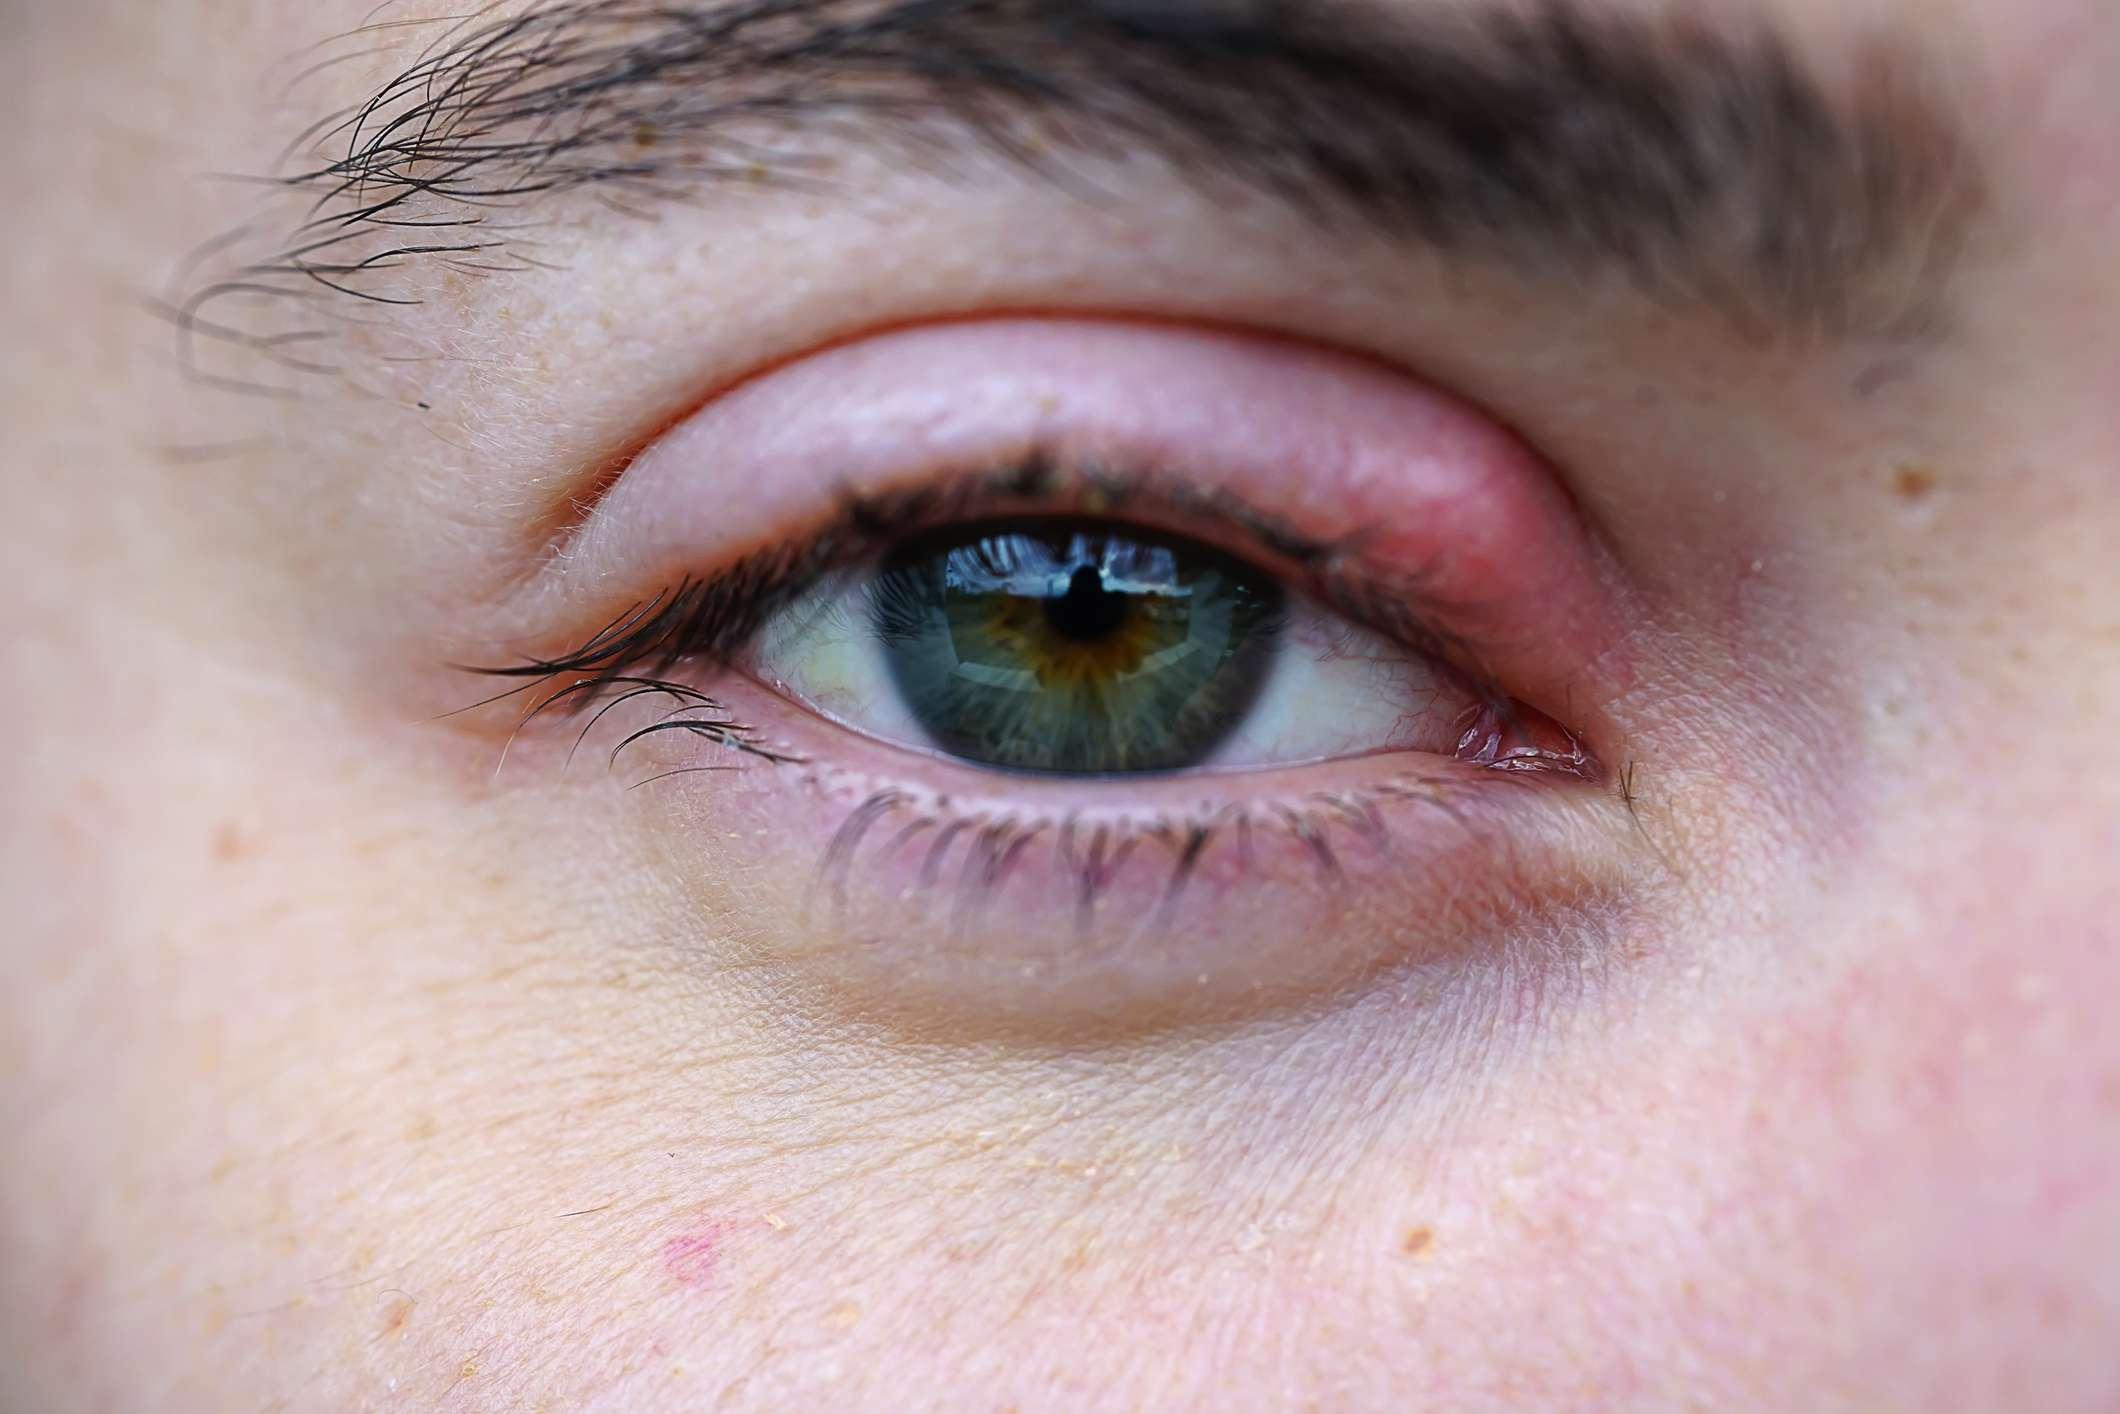 A stye in the eye.